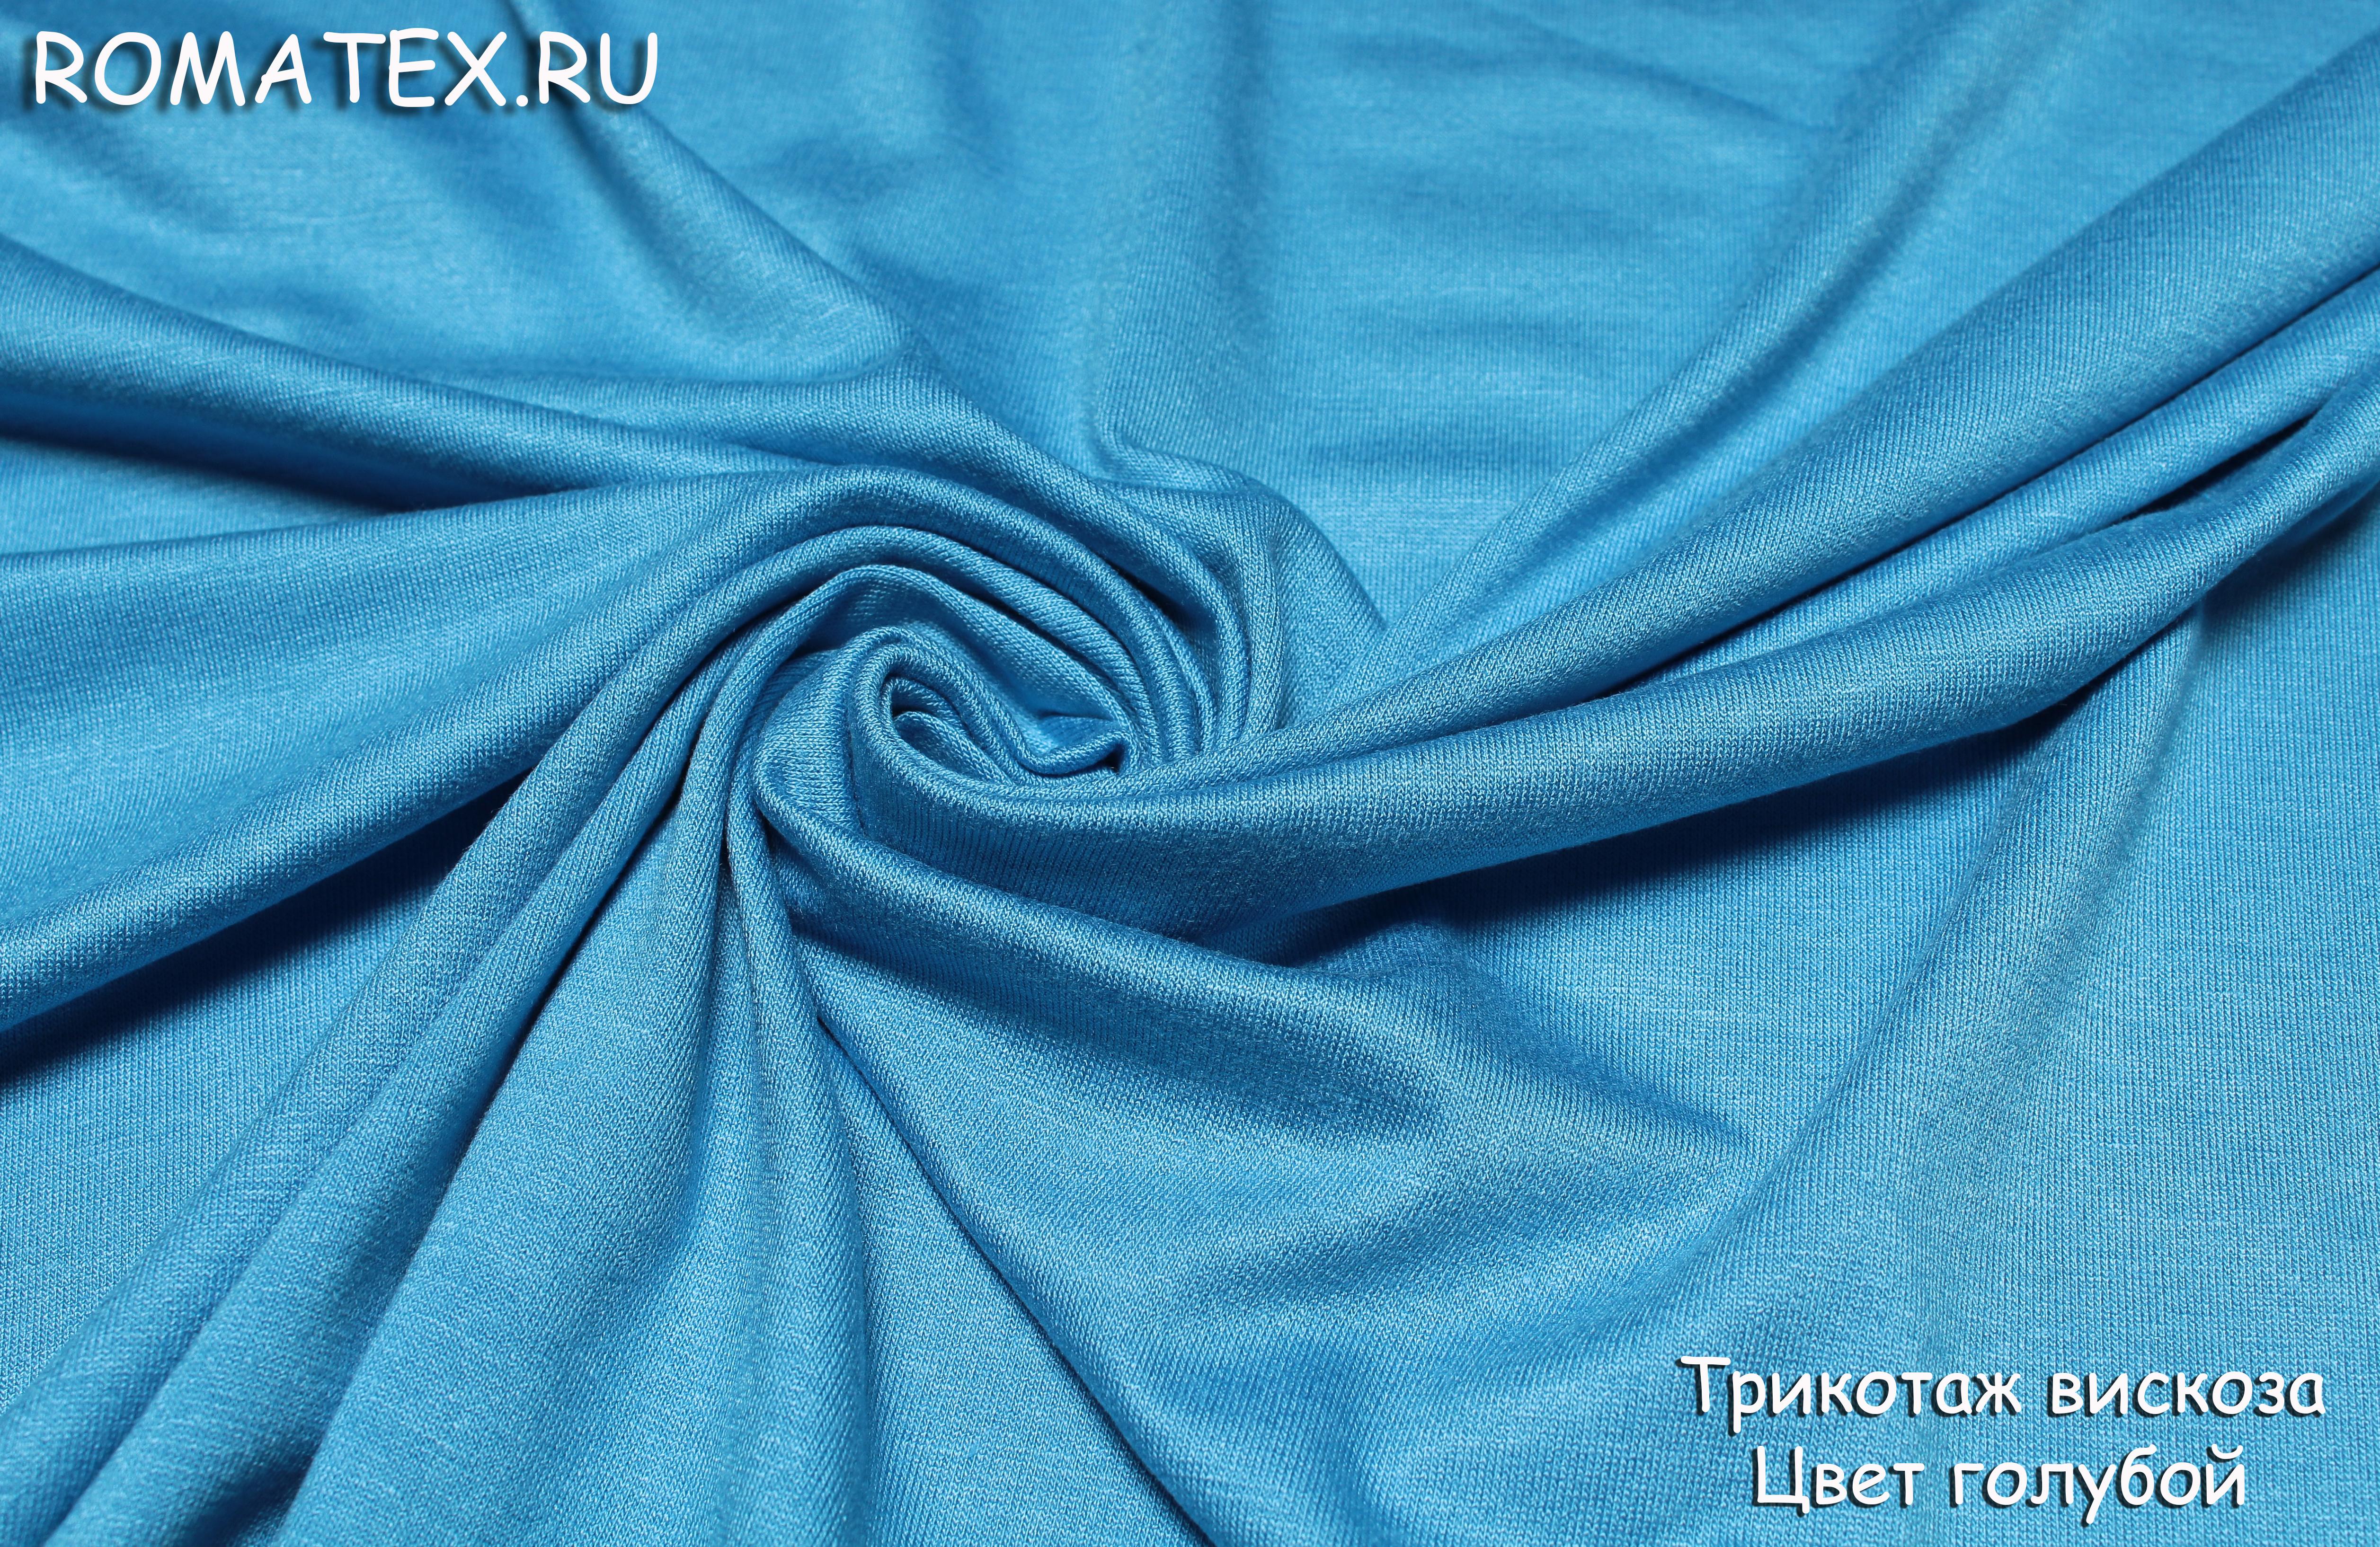 Трикотаж вискоза цвет голубой